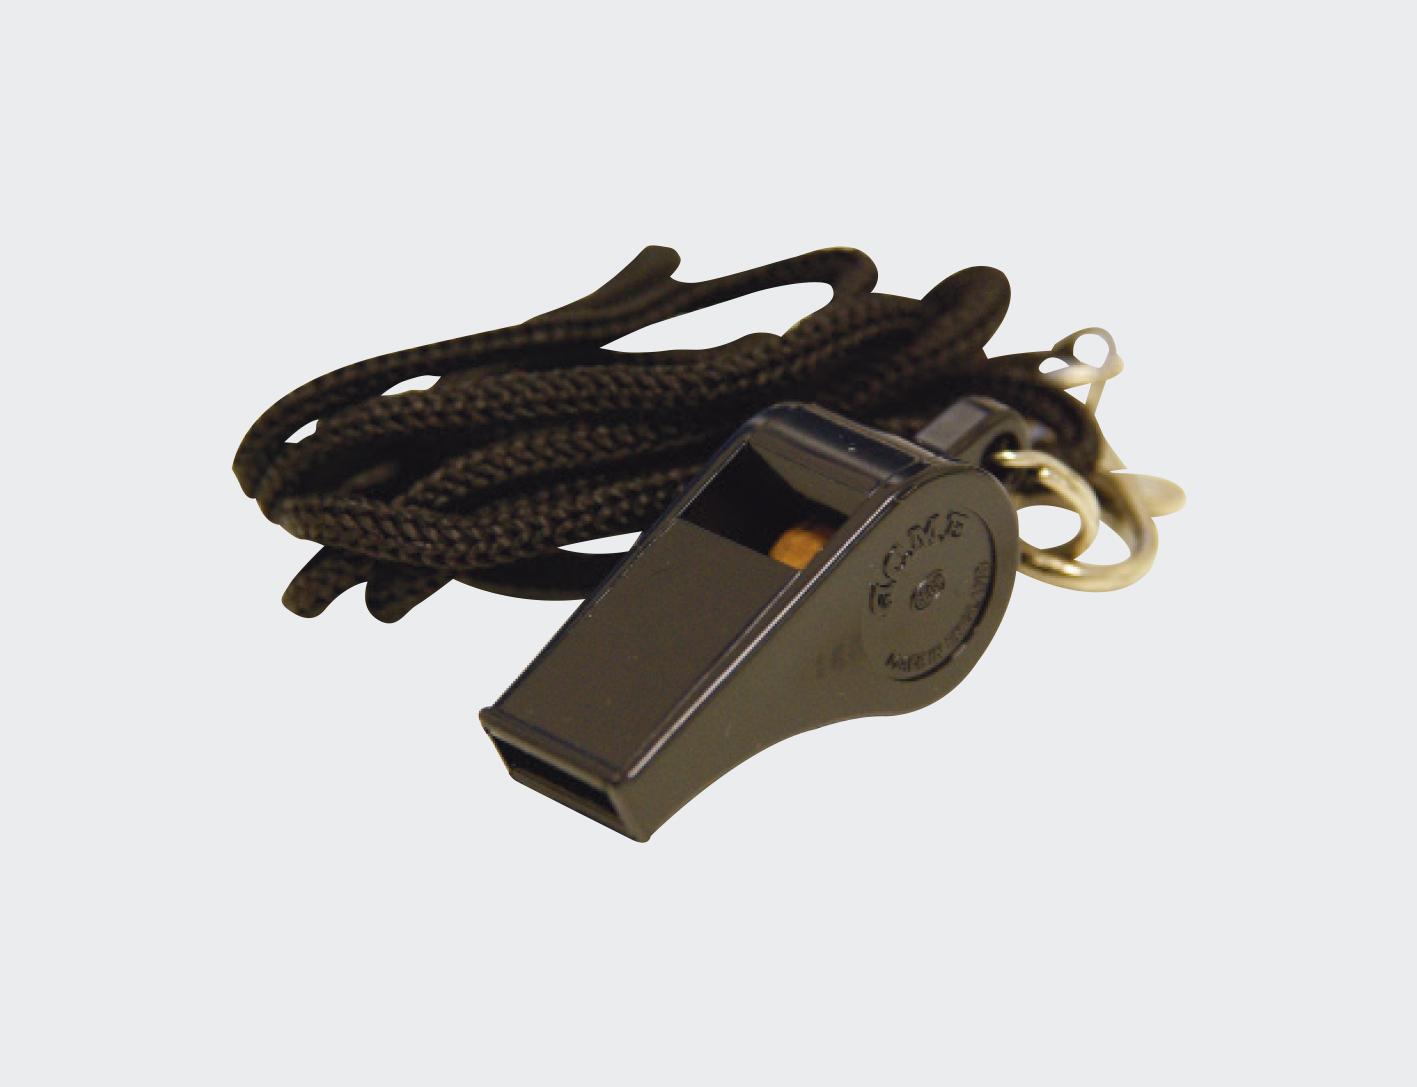 Acme Thunderer Plastic Whistle with Lanyard -0